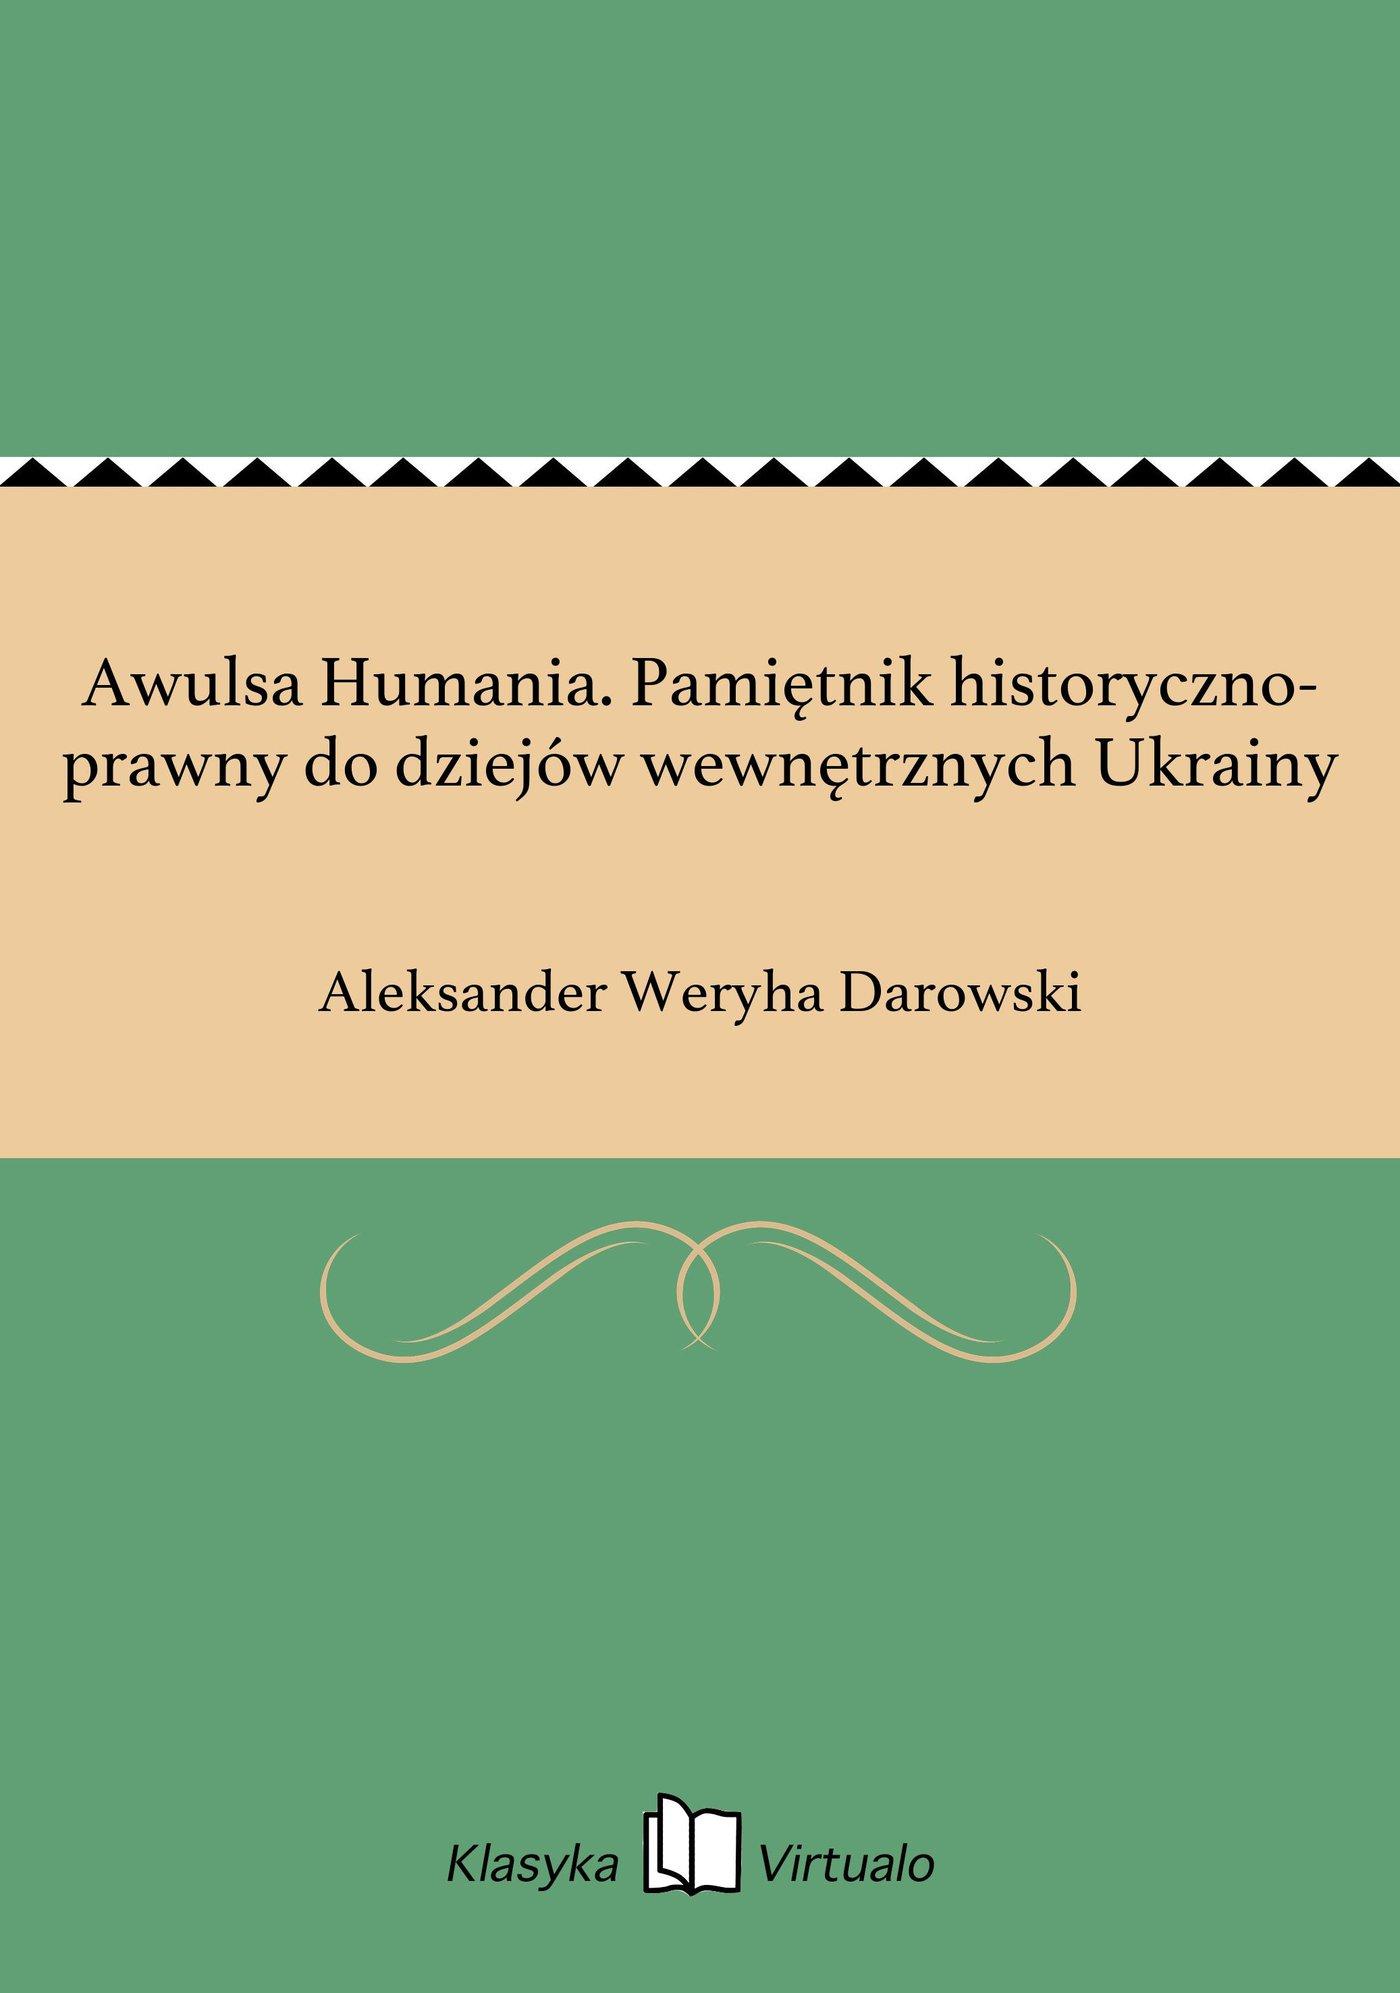 Awulsa Humania. Pamiętnik historyczno-prawny do dziejów wewnętrznych Ukrainy - Ebook (Książka na Kindle) do pobrania w formacie MOBI